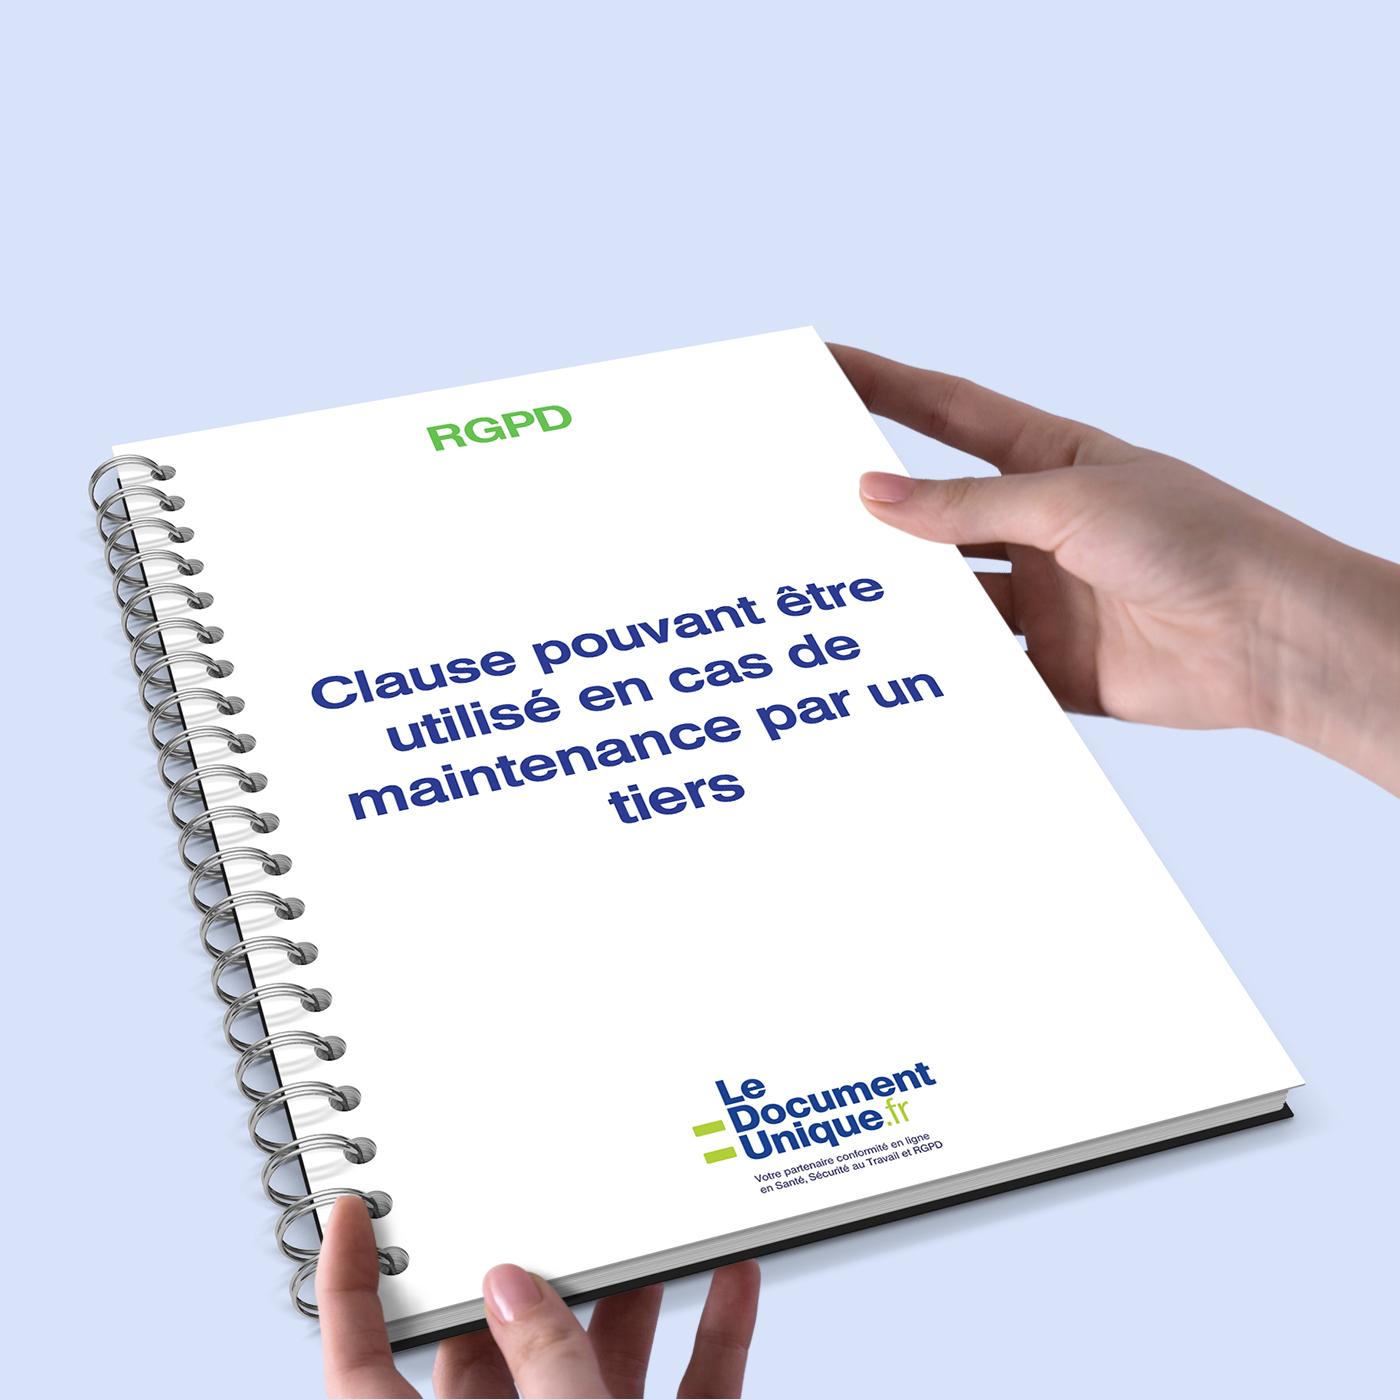 clause rgpd pouvant être utilisé en cas de maintenance par un tiers